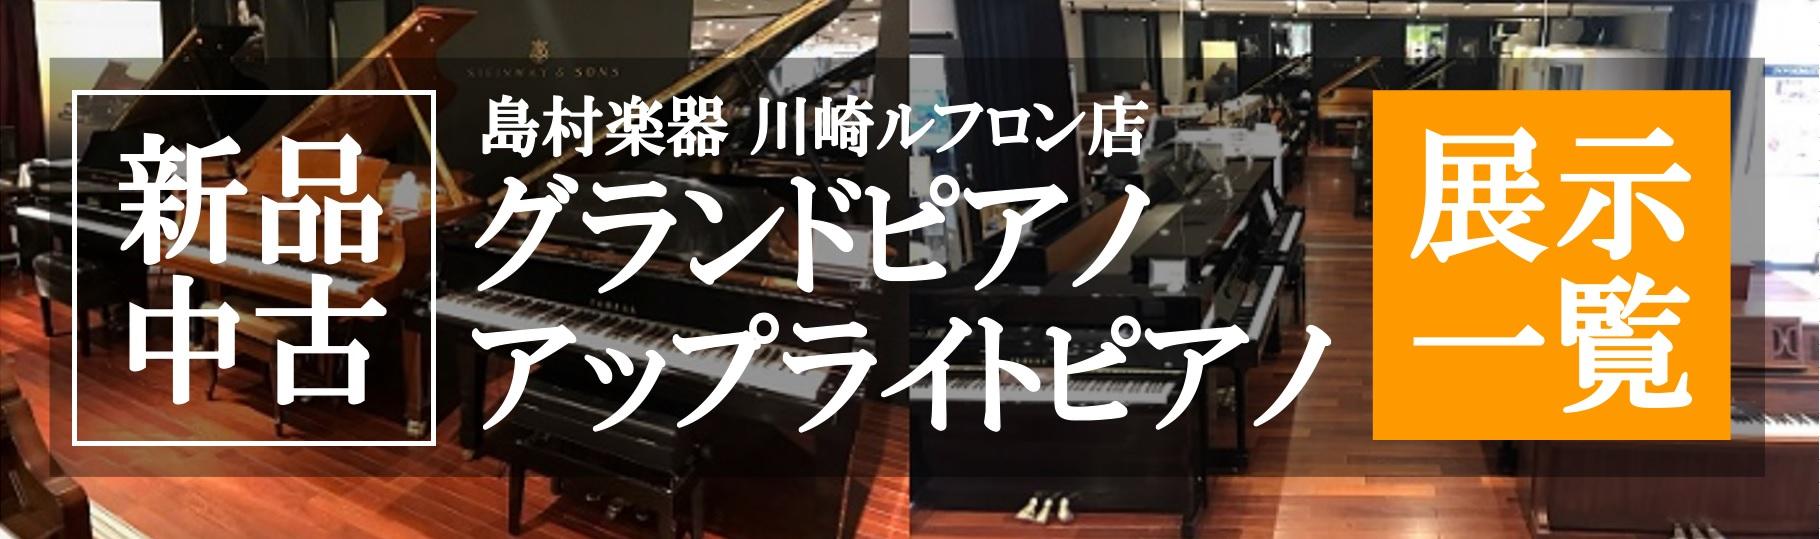 グランドピアノ・アップライトピアノお探しなら島村楽器川崎ルフロン店へ